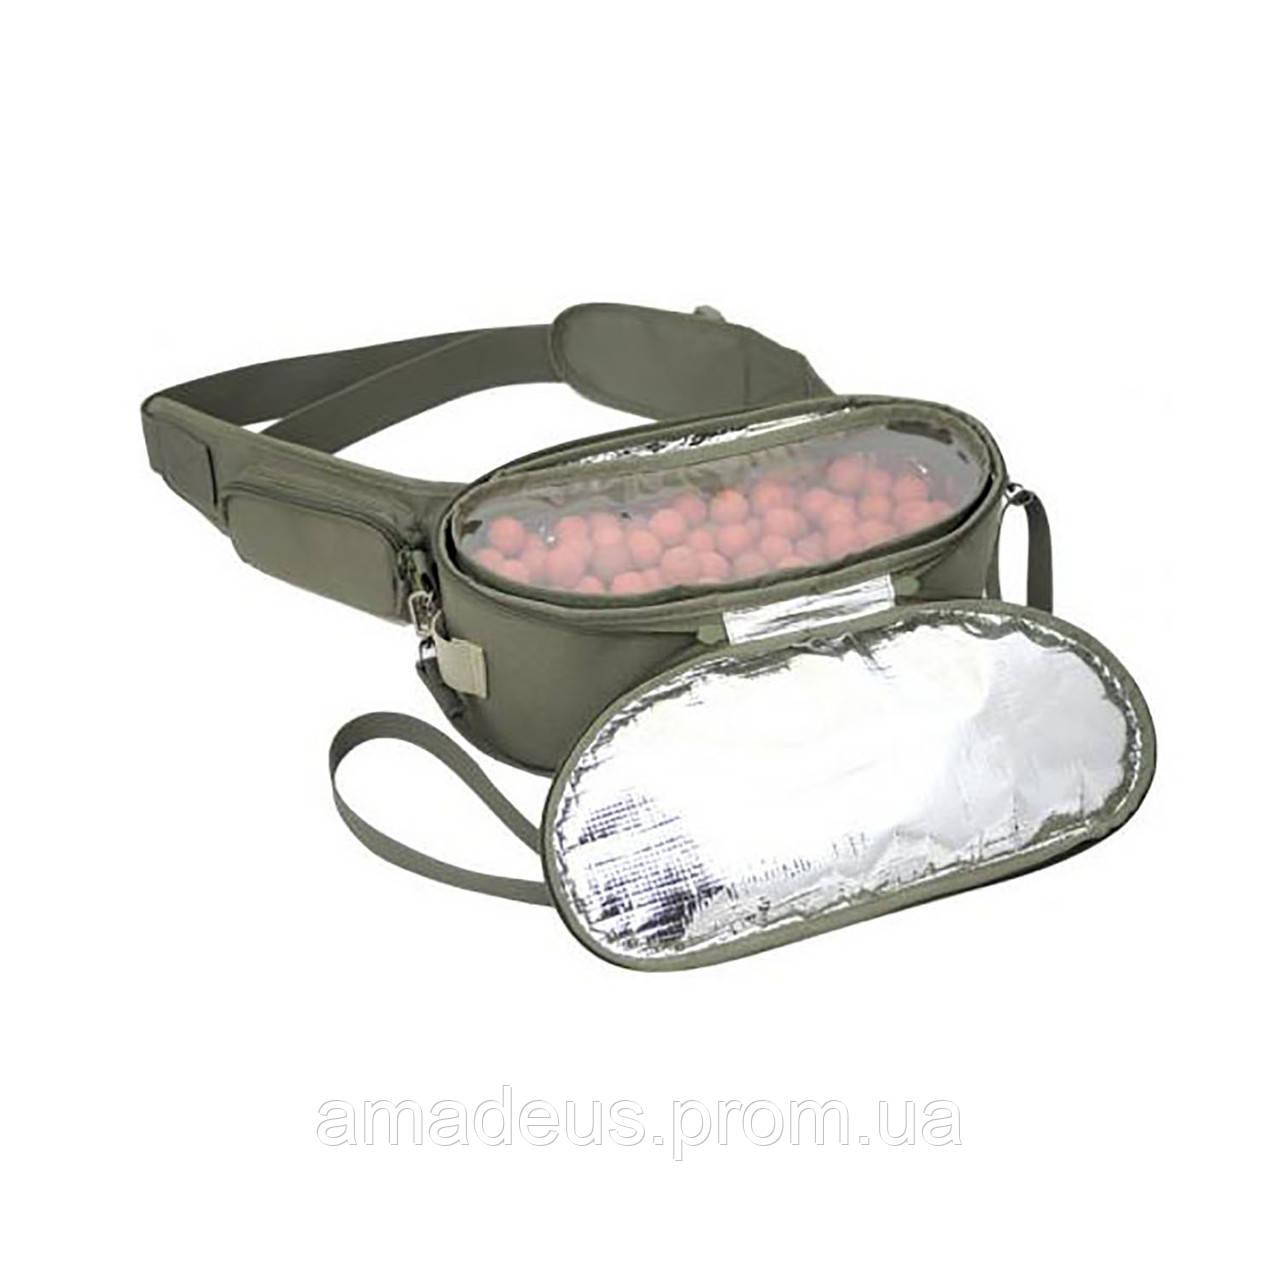 Закормочная карповая сумка ЗСК-1н